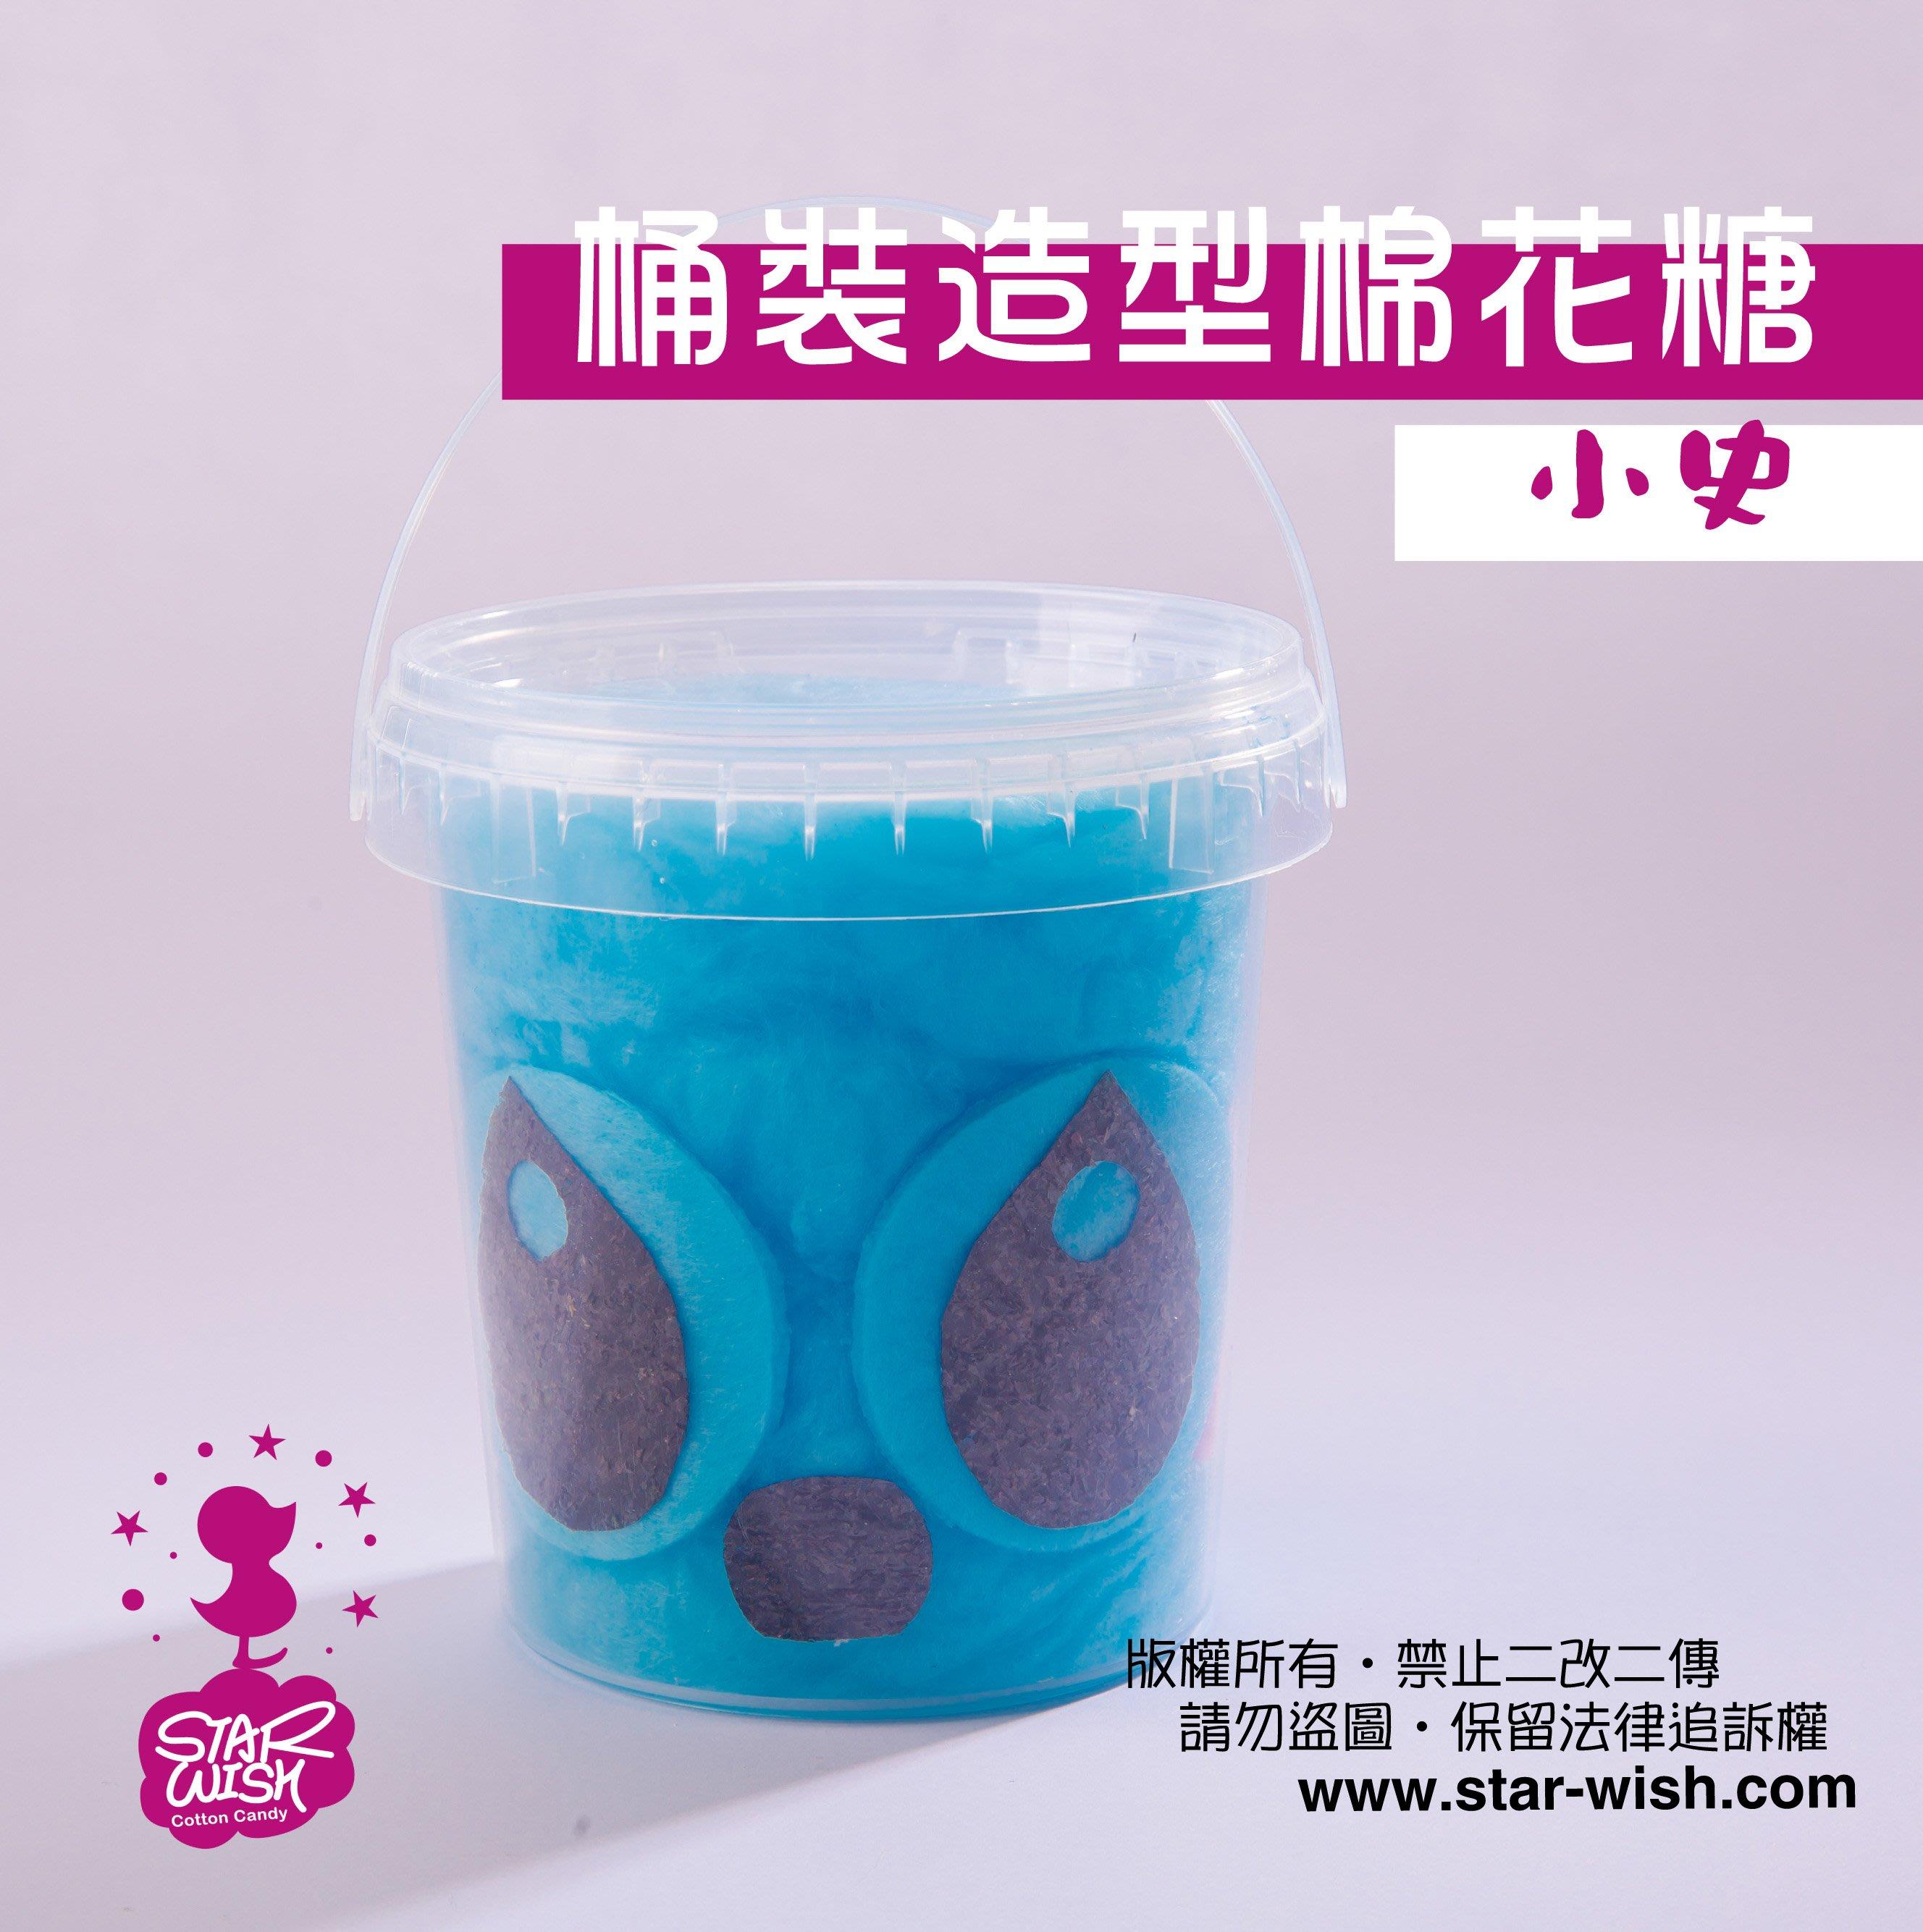 小史 桶裝造型棉花糖 StarWish棉花糖 史迪奇 史迪仔 Stitch